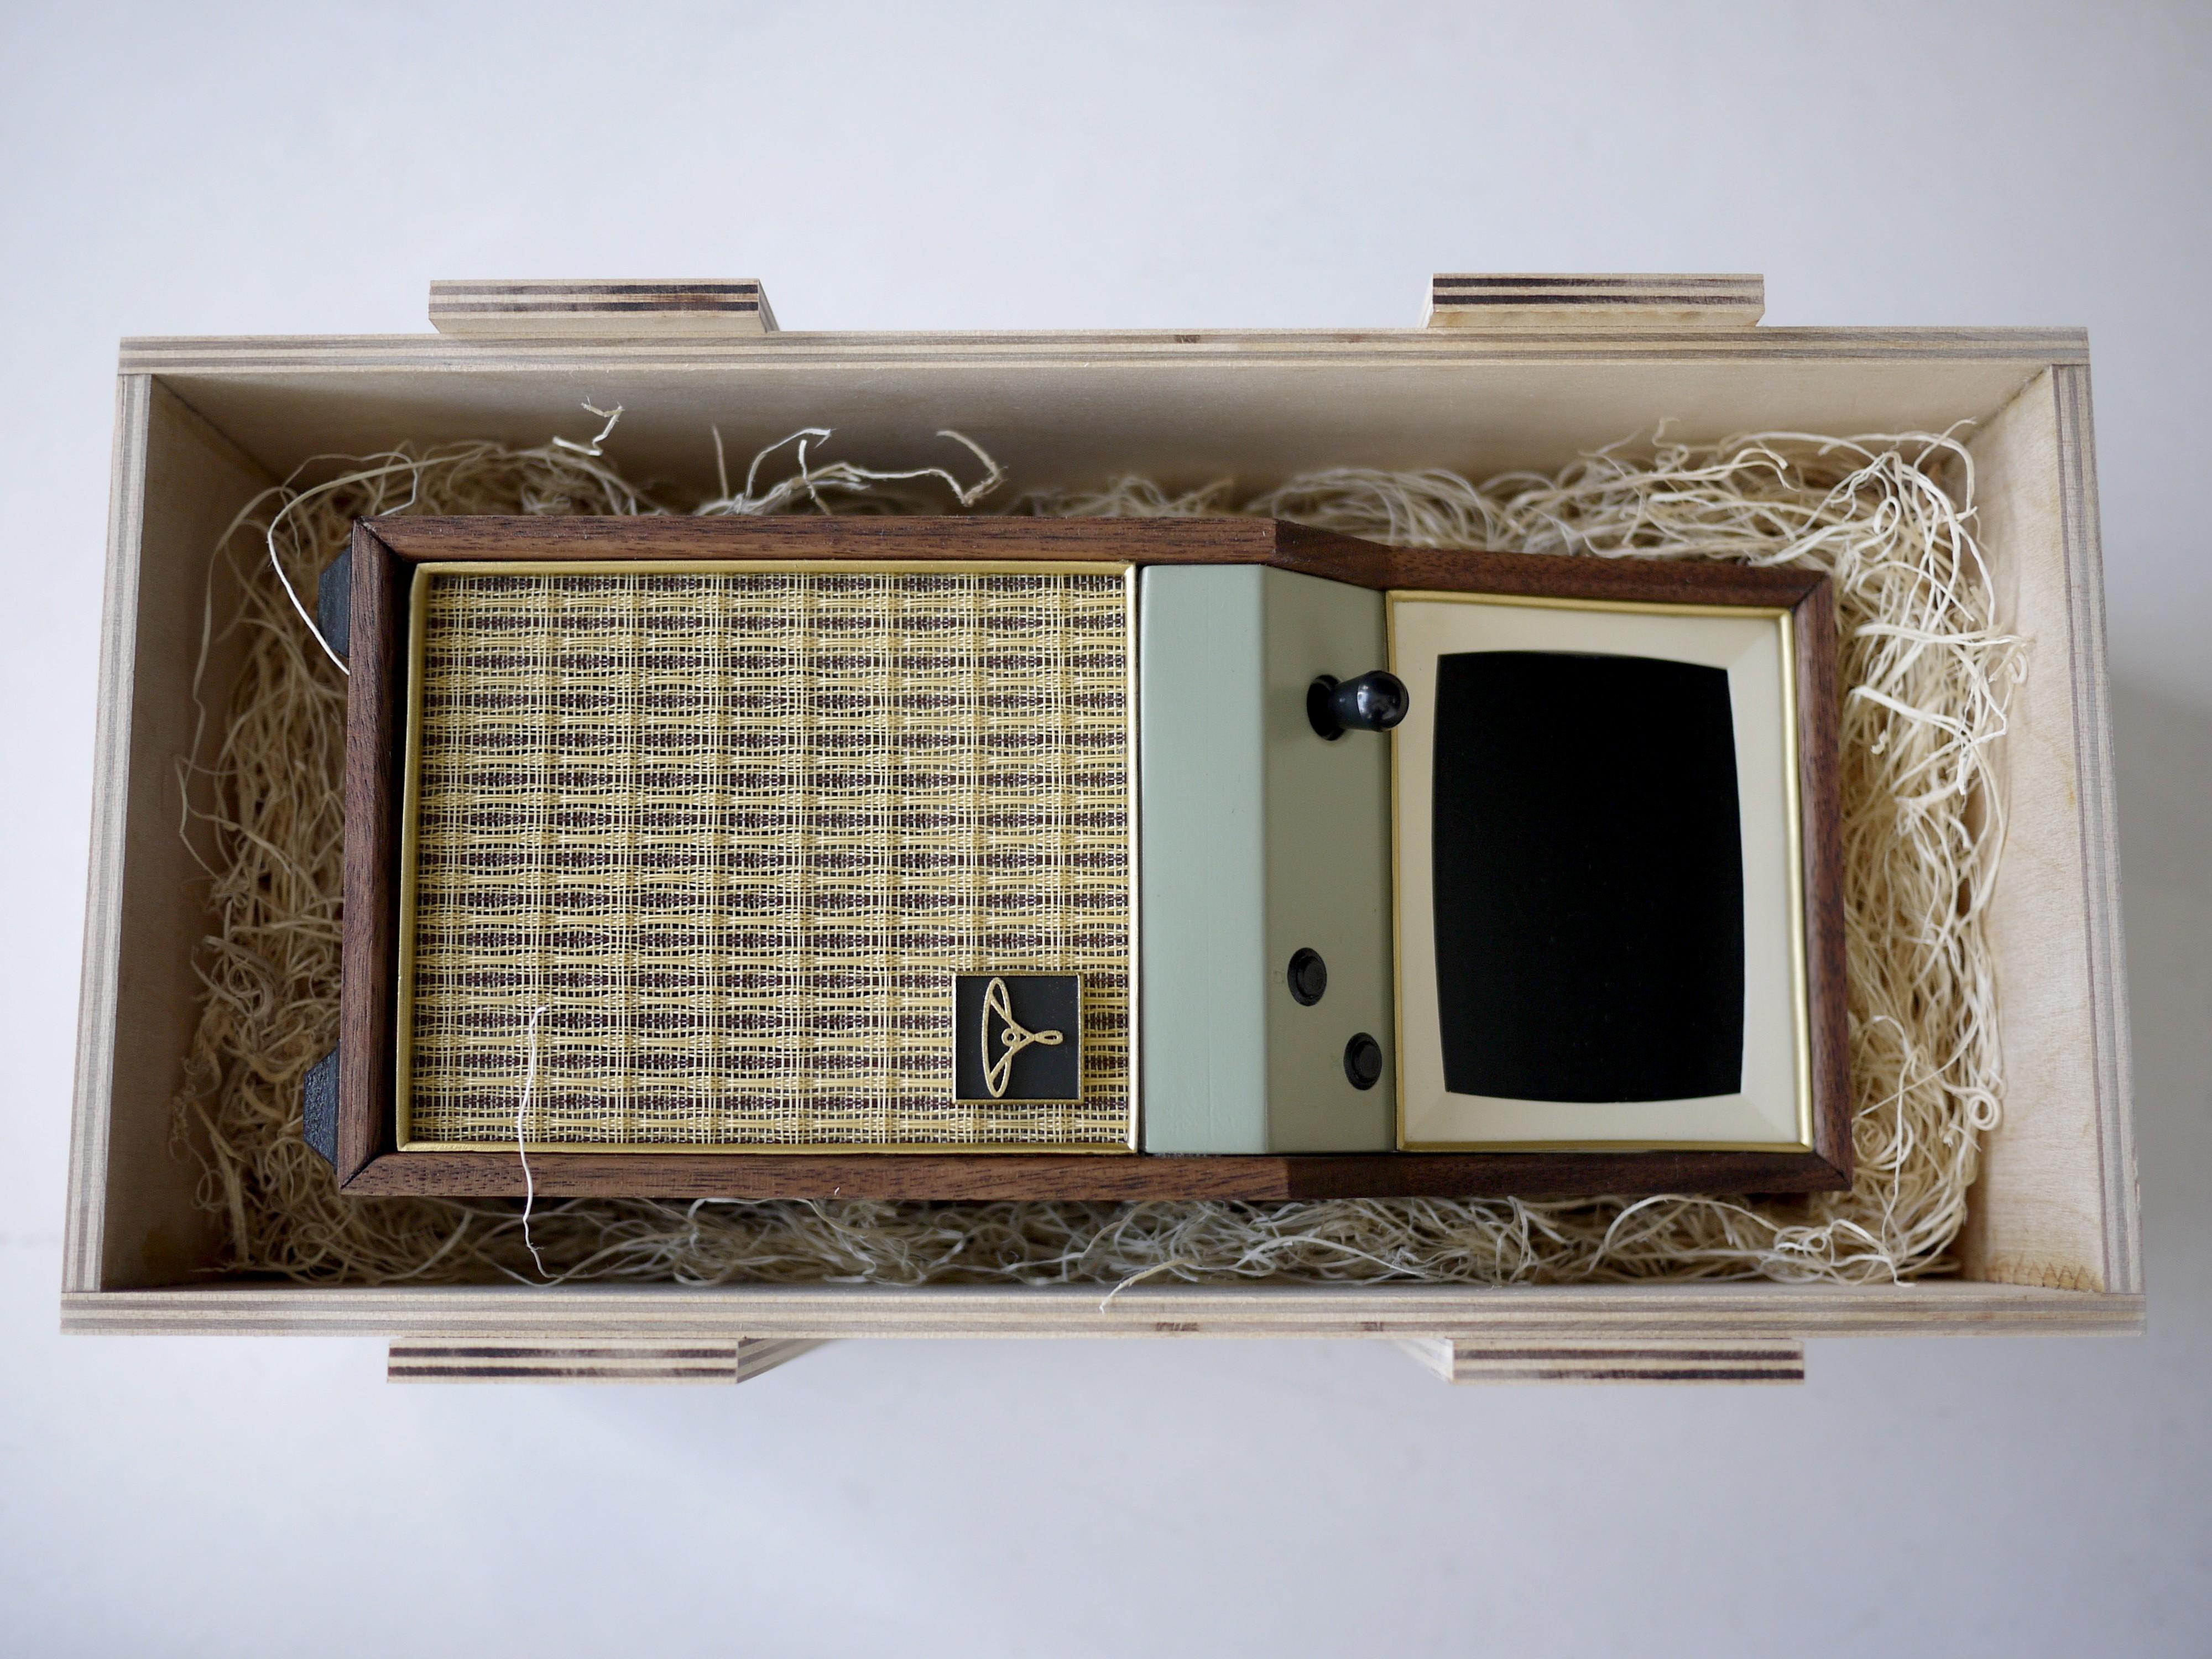 https://cdn.sparkfun.com/assets/d/1/3/7/3/Cabinet-in-Crate-3.jpg